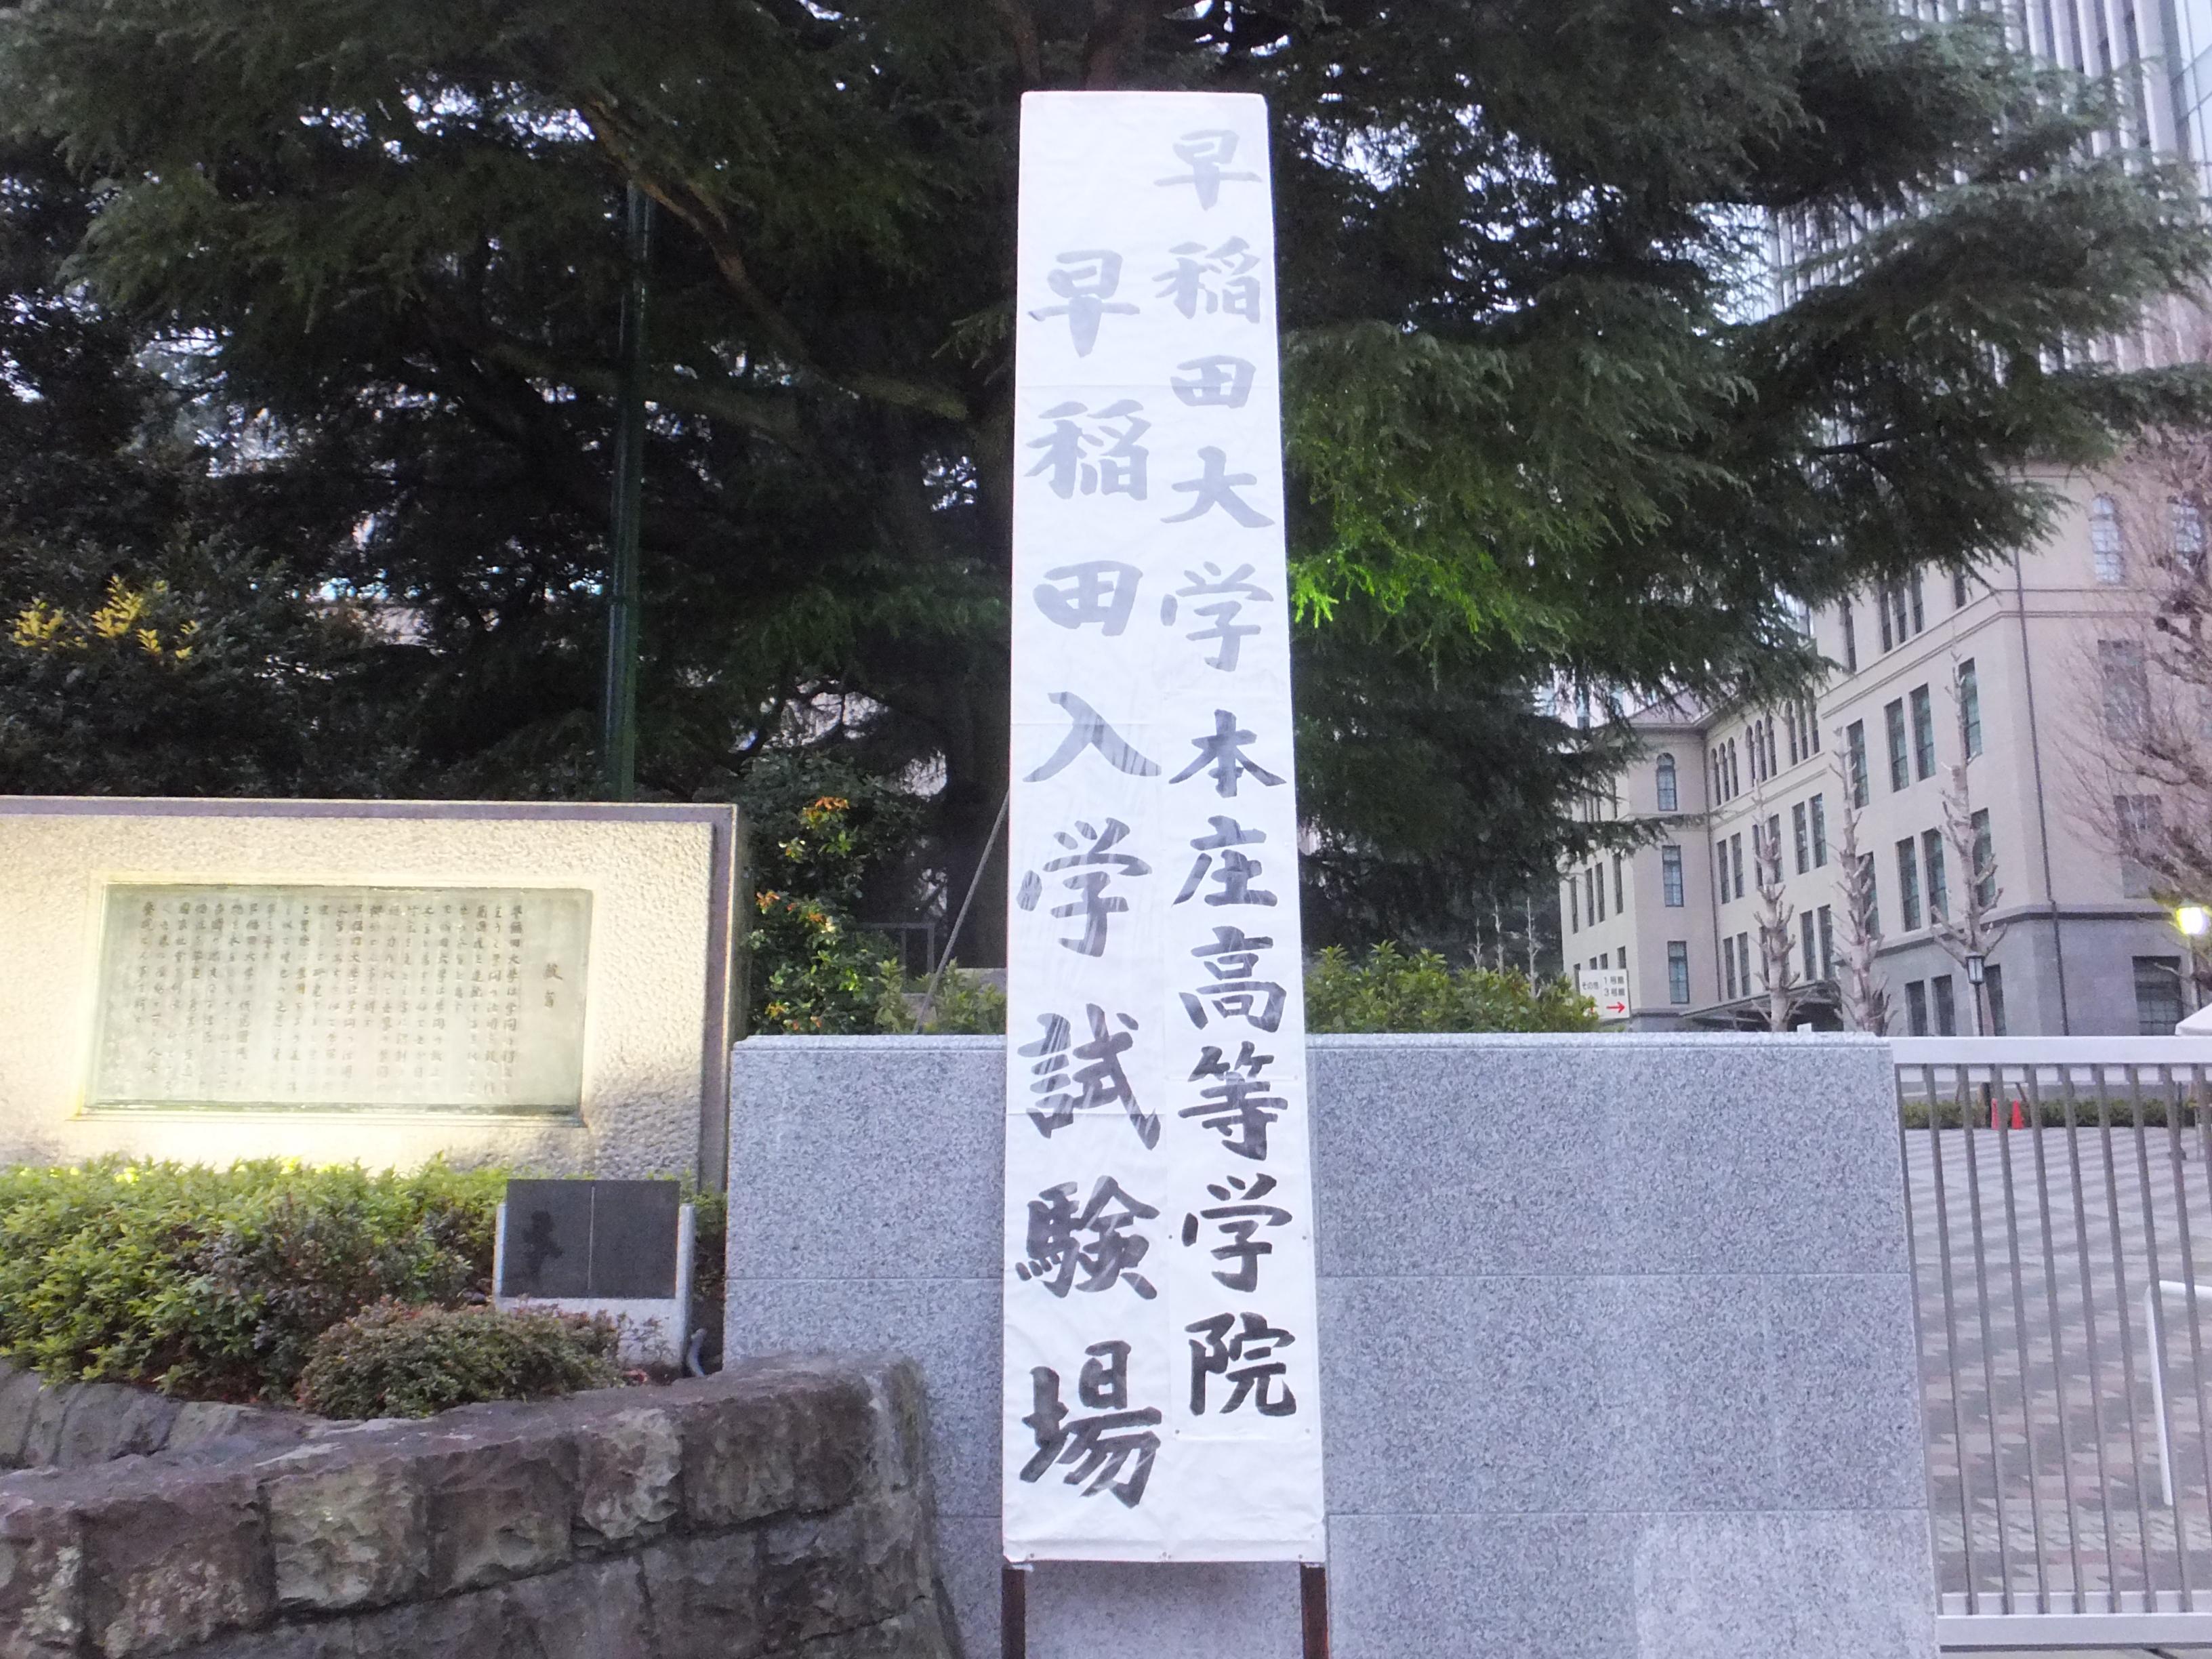 早稲田大学本庄高等学院入学試験 | お受験アドバイザーの小学校受験対策ブログ